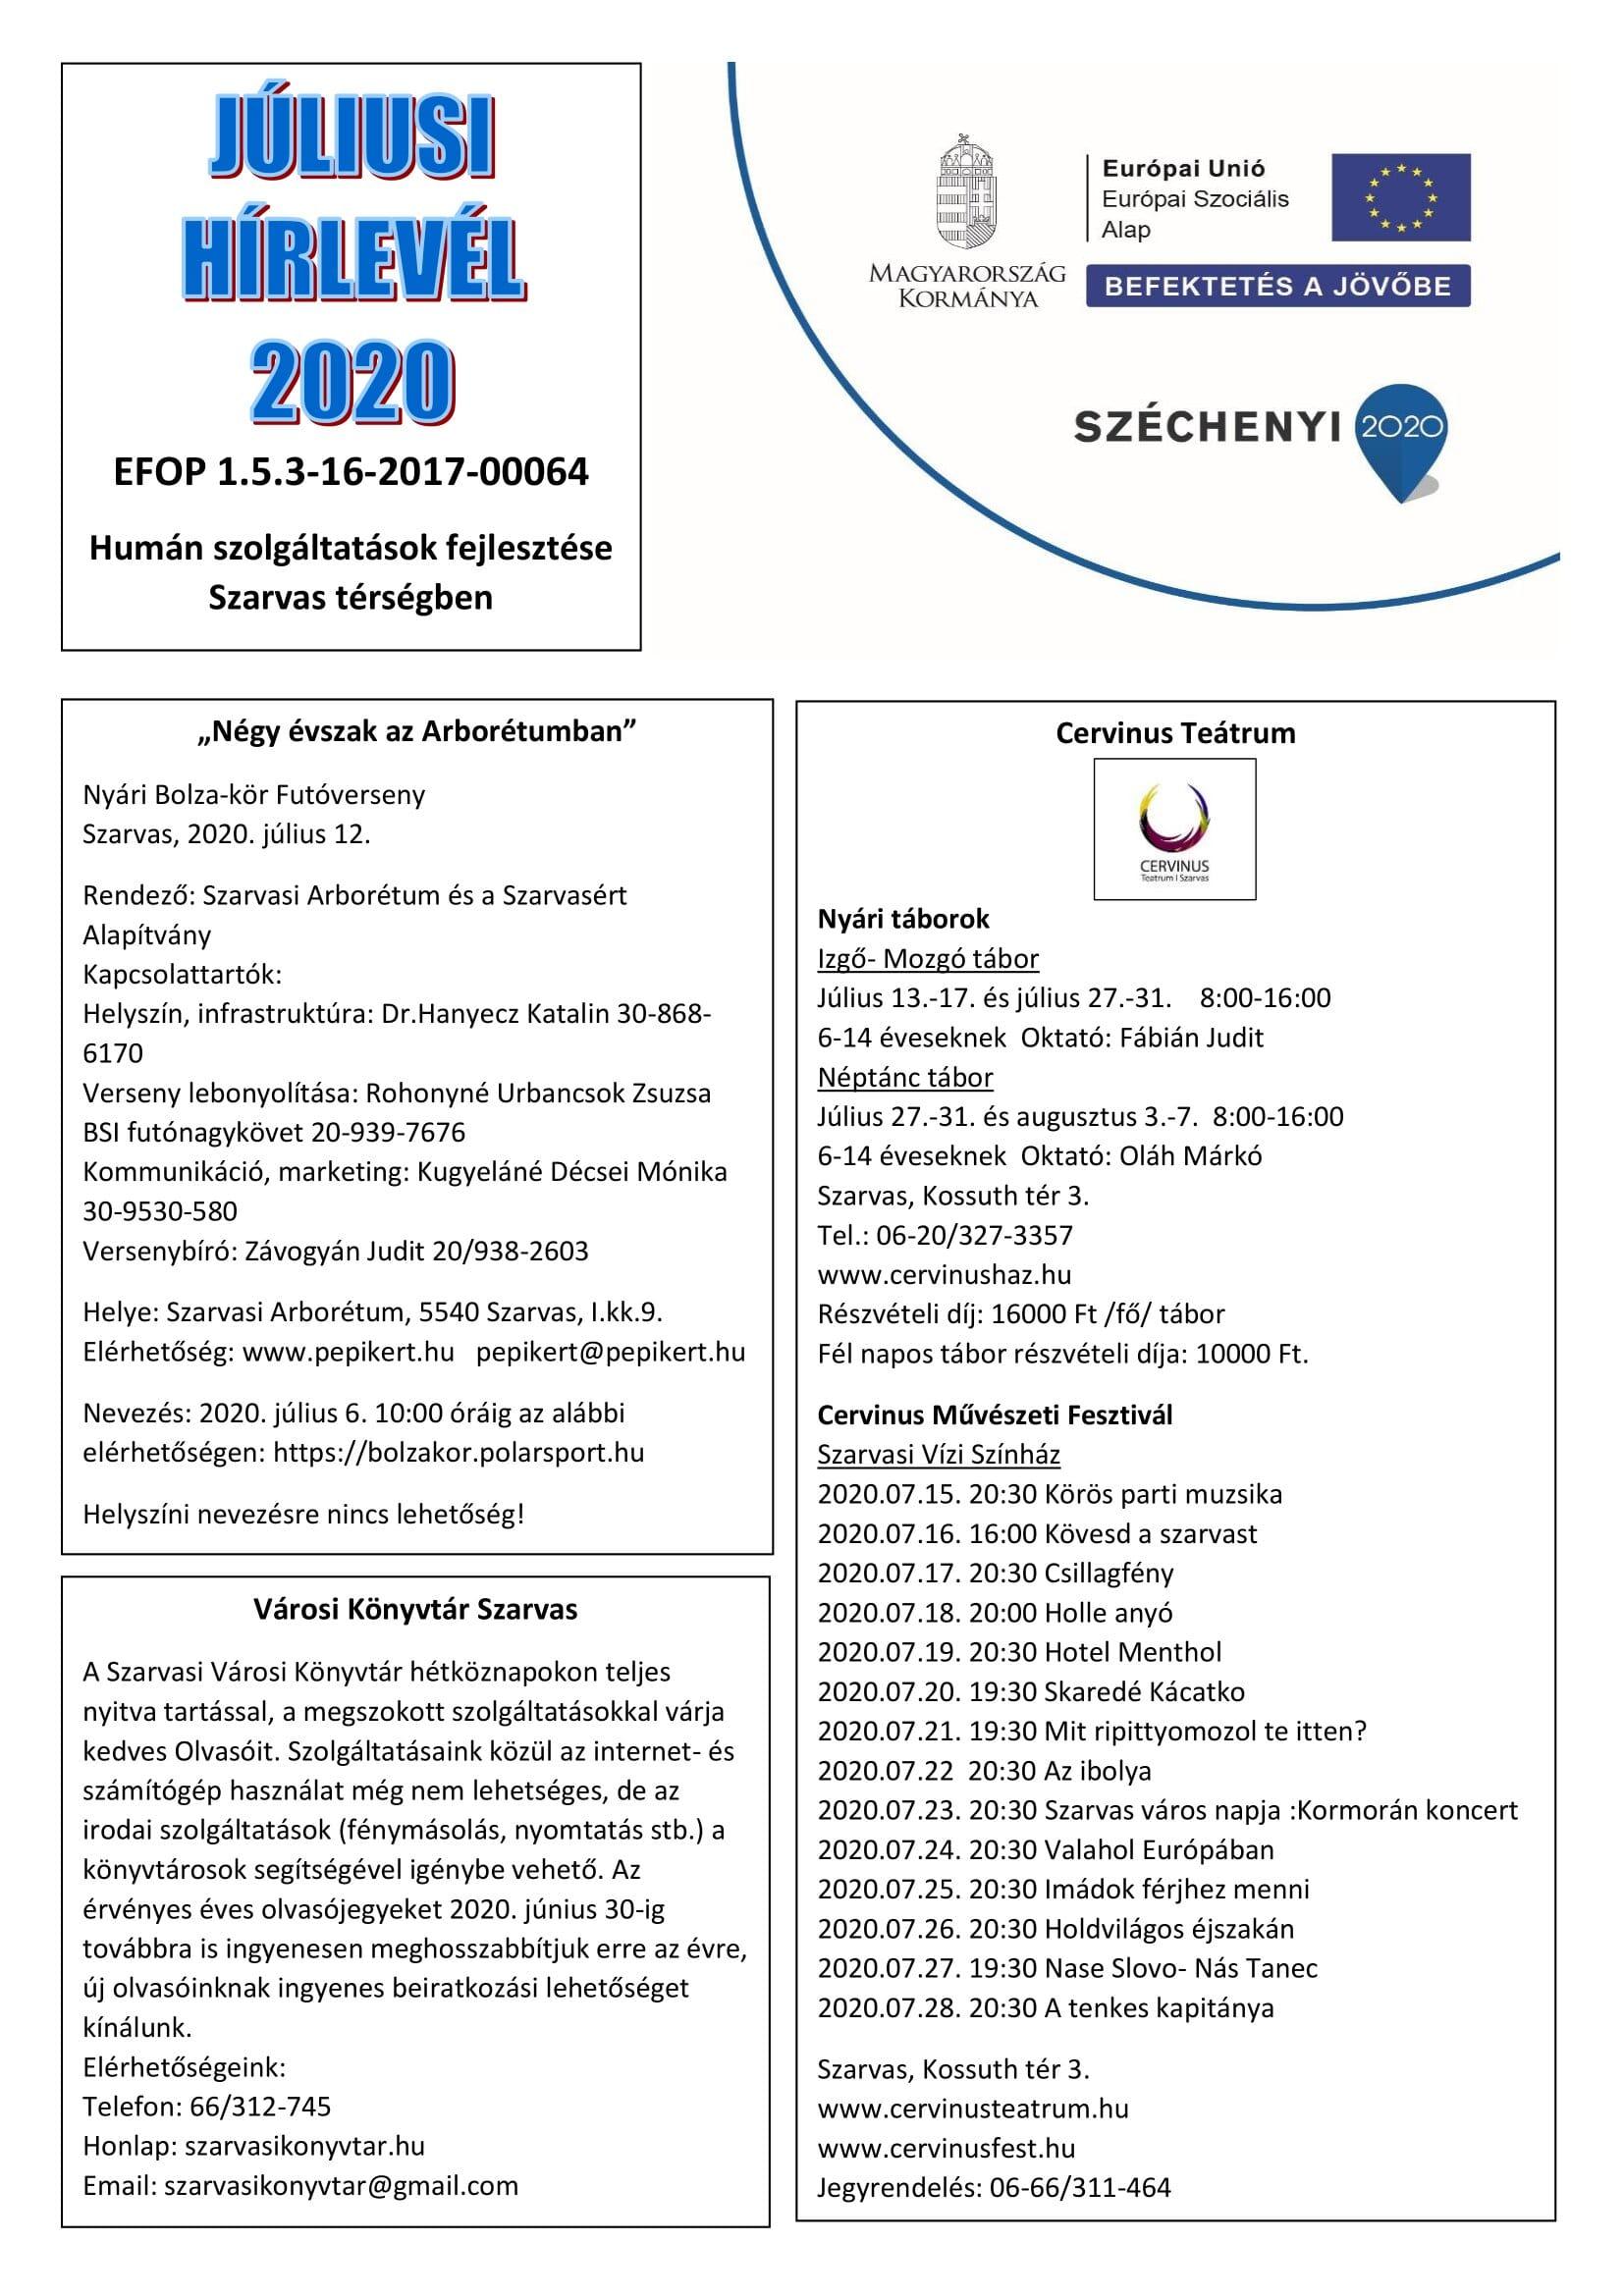 egy új típusú kereset az Internet 2020-on